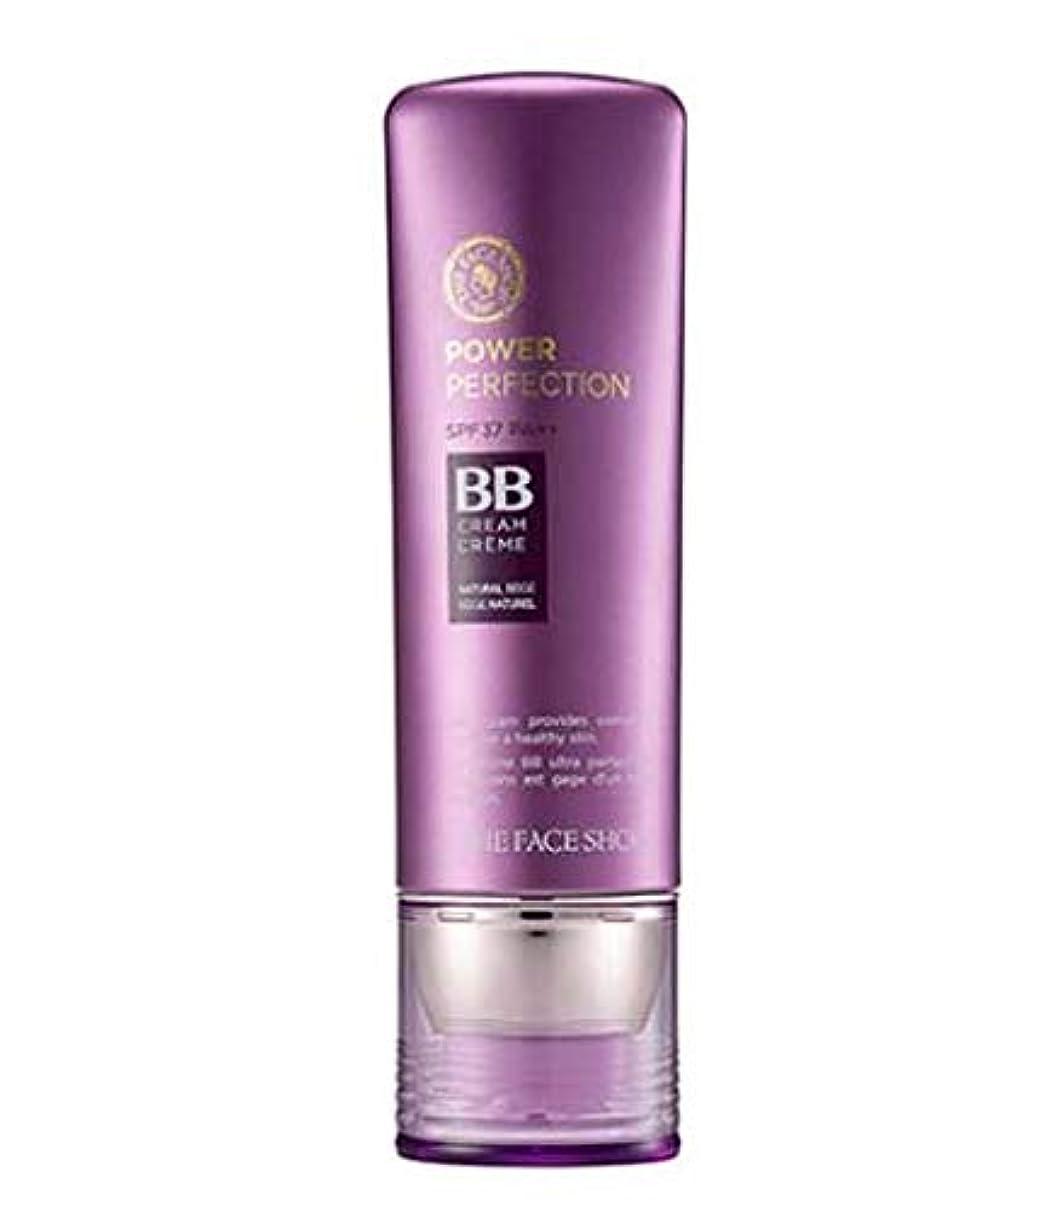 ドキュメンタリー雷雨強大な[ザ?フェイスショップ] THE FACE SHOP [パワー パーフェクションBBクリーム 40g - V103 Pure Beige] Power Perfection BB Cream 40g V103